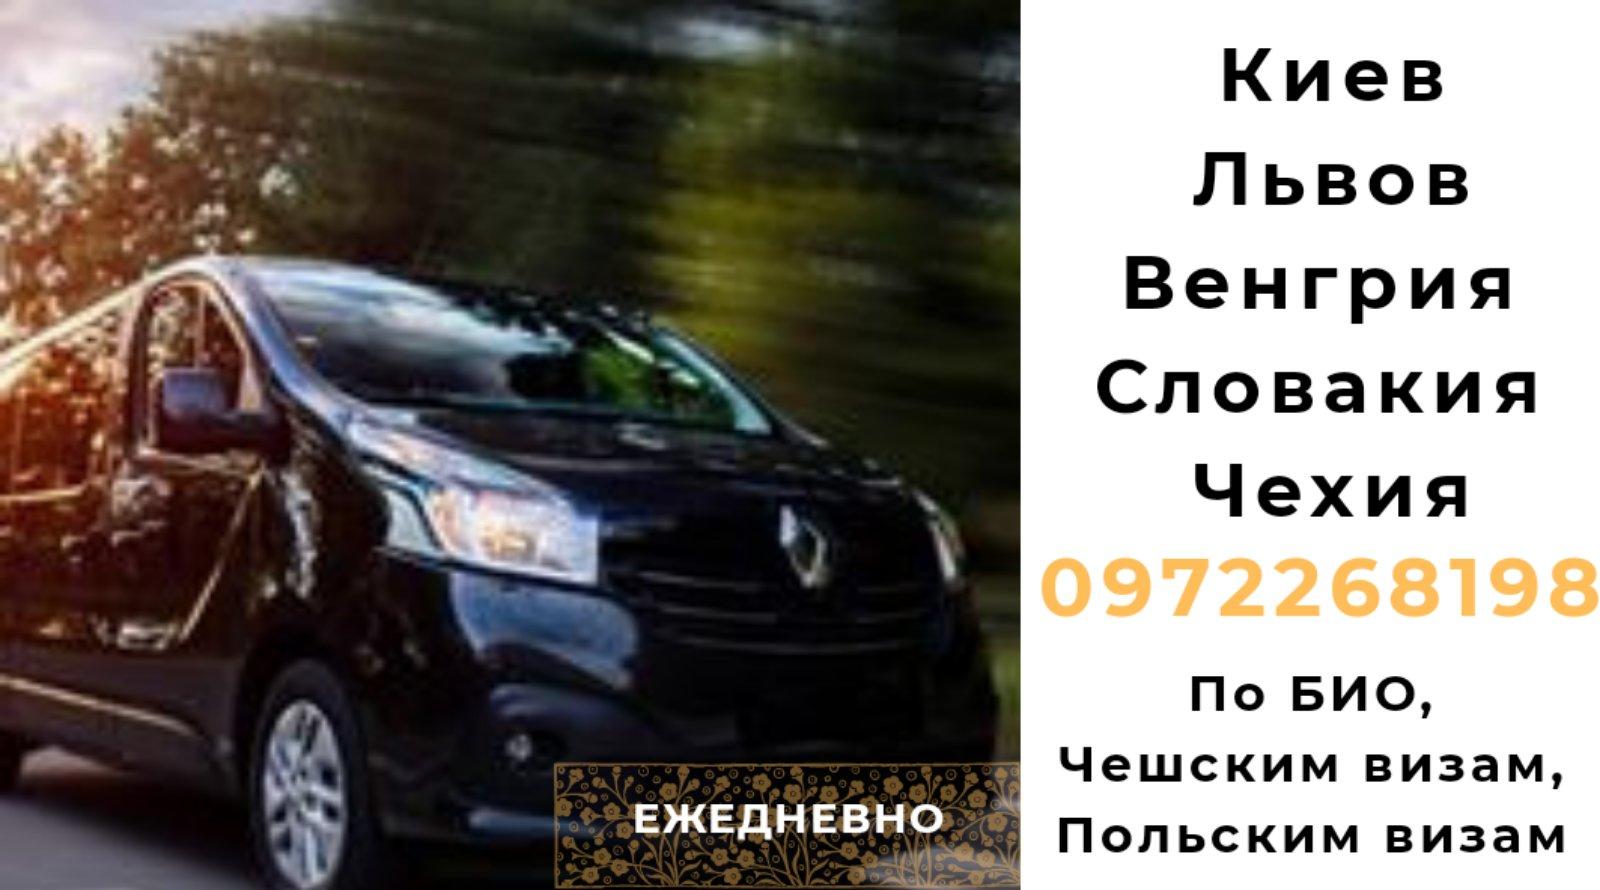 Пассажирские перевозки Киев-Украина-Чехия-Киев